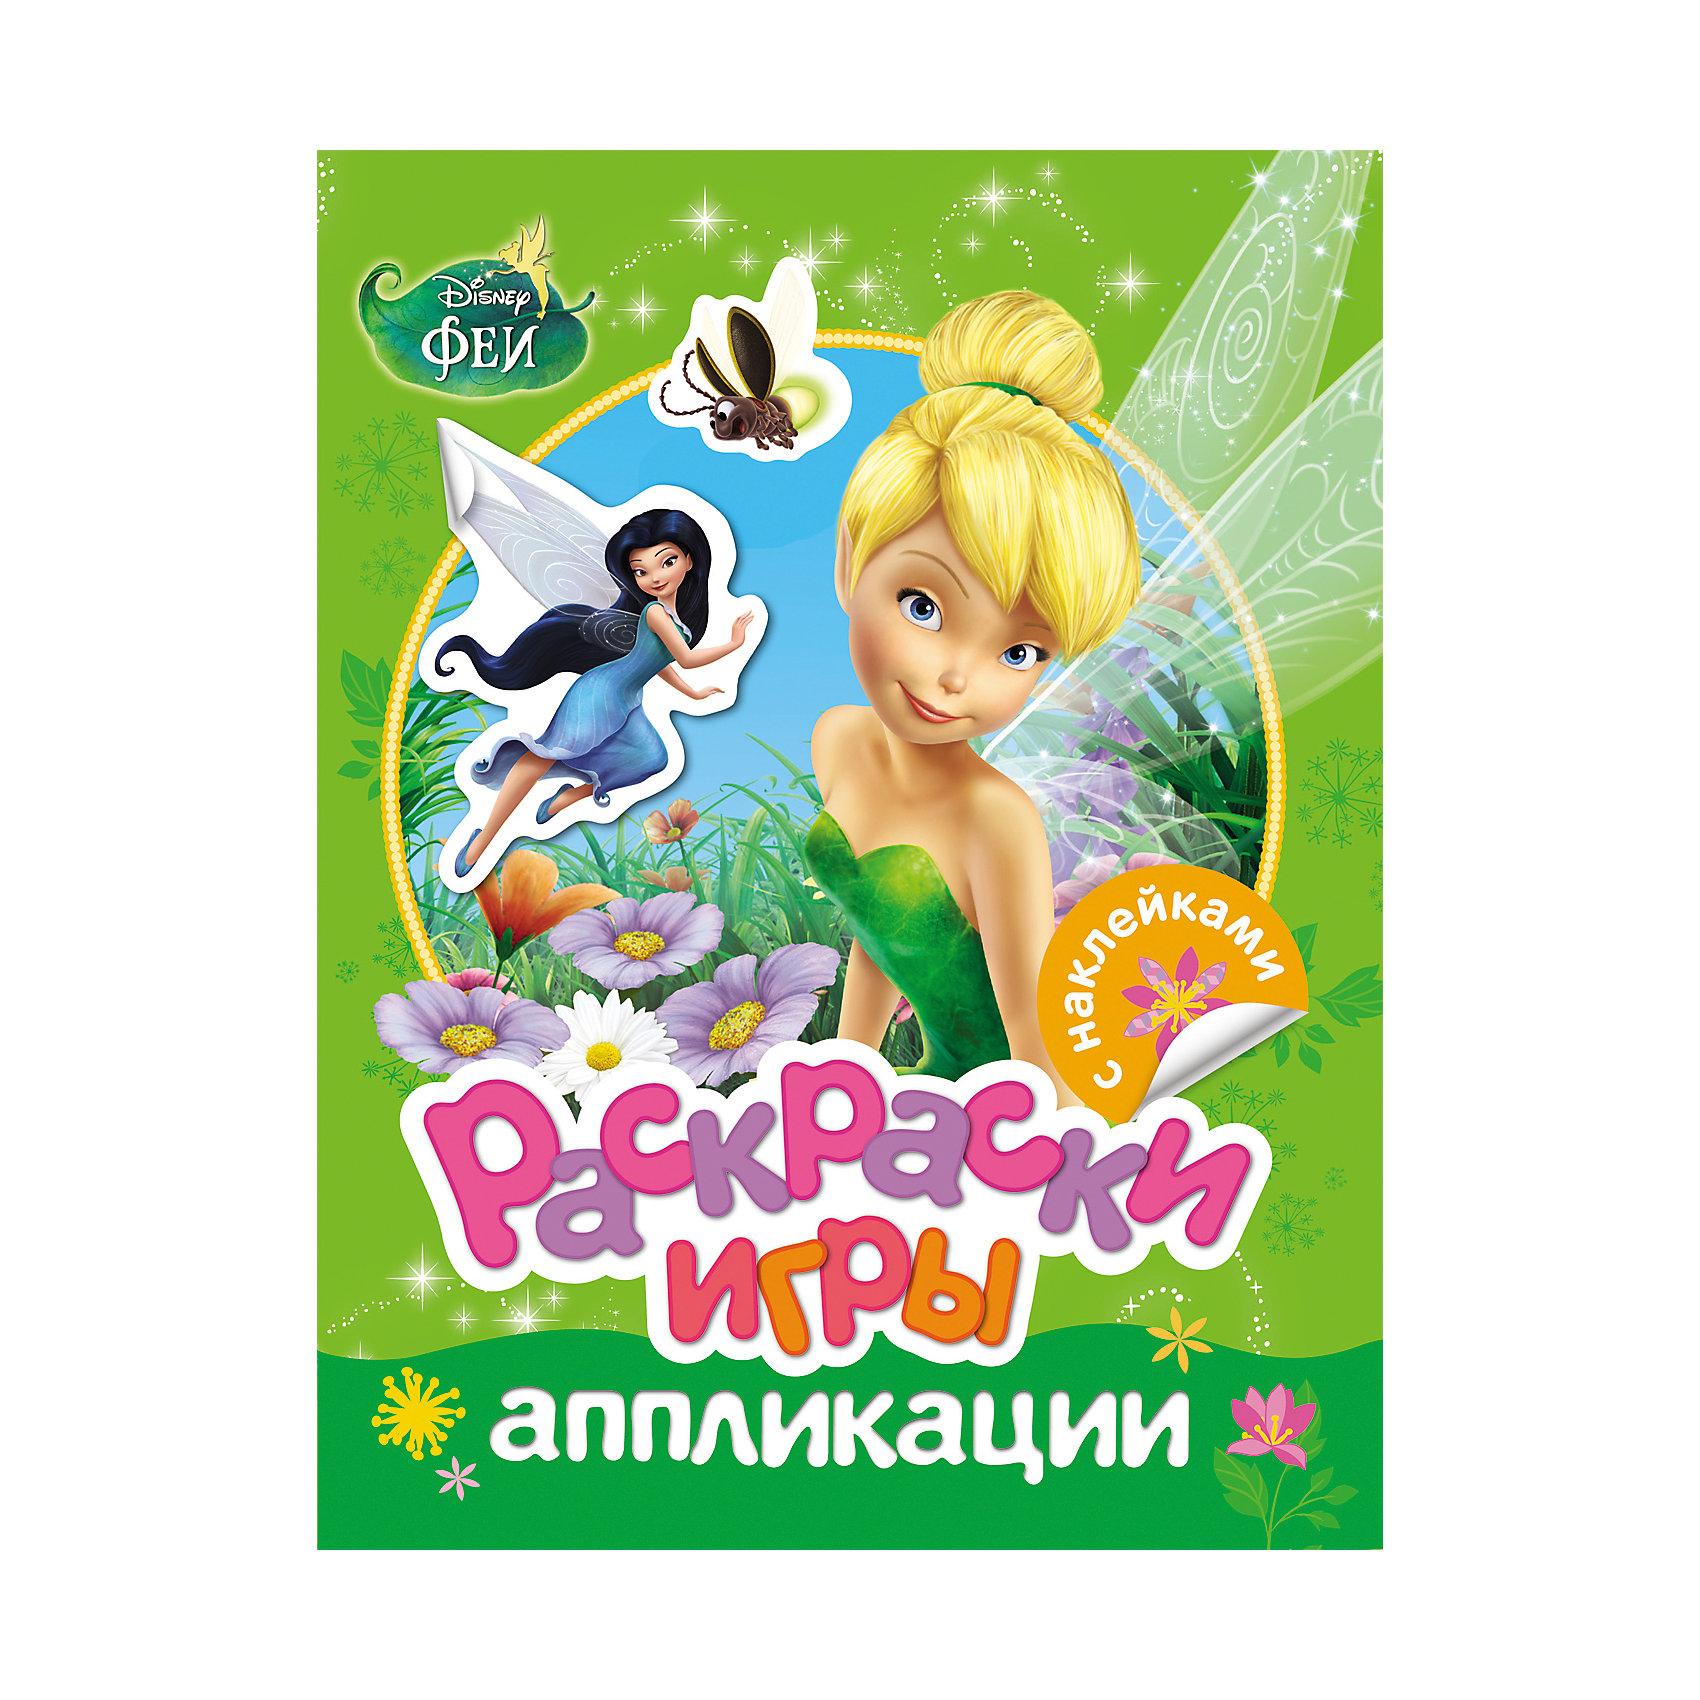 Книжка-раскраска с наклейками, Disney FairiesВ этой книжке вас ждут: яркие аппликации, которые можно дополнить наклейками; раскраски с героями любимых мультфильмов; интересные игры и задания, которые не дадут вашему ребенку скучать!<br><br>Ширина мм: 275<br>Глубина мм: 210<br>Высота мм: 30<br>Вес г: 80<br>Возраст от месяцев: 36<br>Возраст до месяцев: 2147483647<br>Пол: Женский<br>Возраст: Детский<br>SKU: 5453547